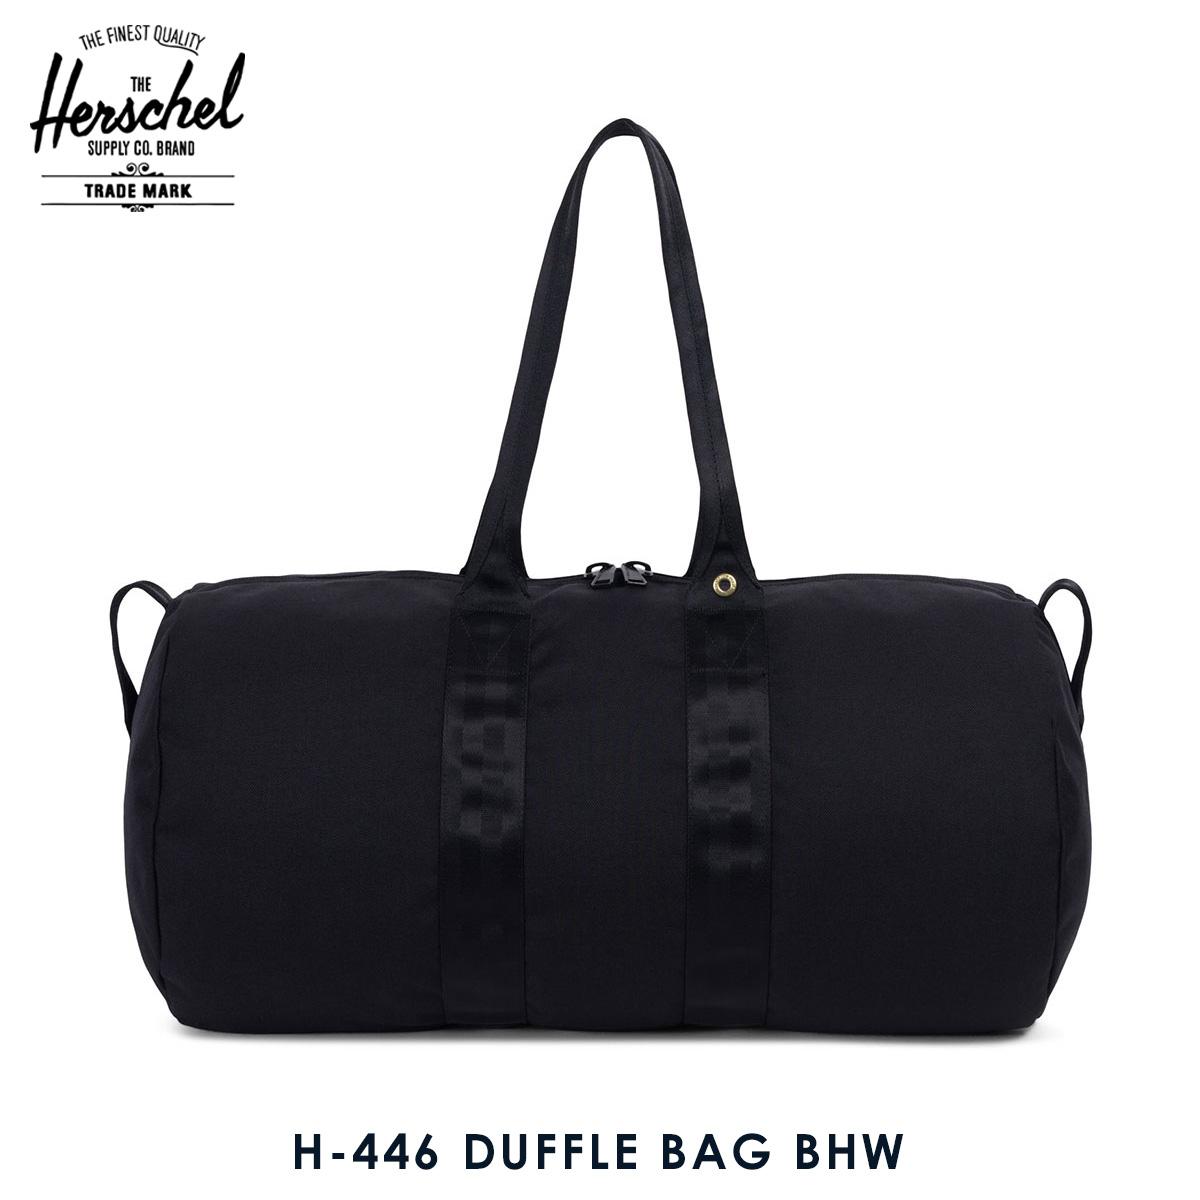 【ポイント10倍 6/4 20:00~6/11 01:59まで】 ハーシェル バッグ 正規販売店 Herschel Supply ハーシャルサプライ 鞄 ボストンバッグ ダッフルバッグ スポーツバッグ H-446 DUFFLE BAG BHW 10417-01981-OS BLACK 父の日